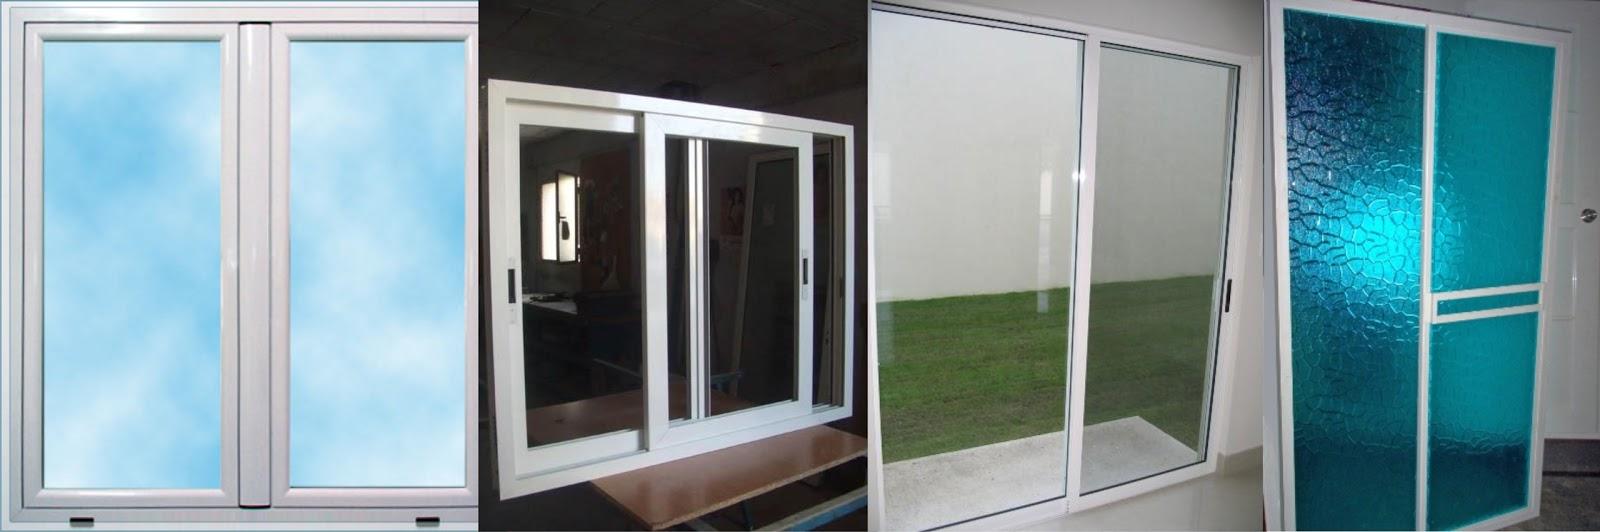 Vidrios y espejos mazuren divisiones para ba o dise o en for Espejos de diseno para entradas